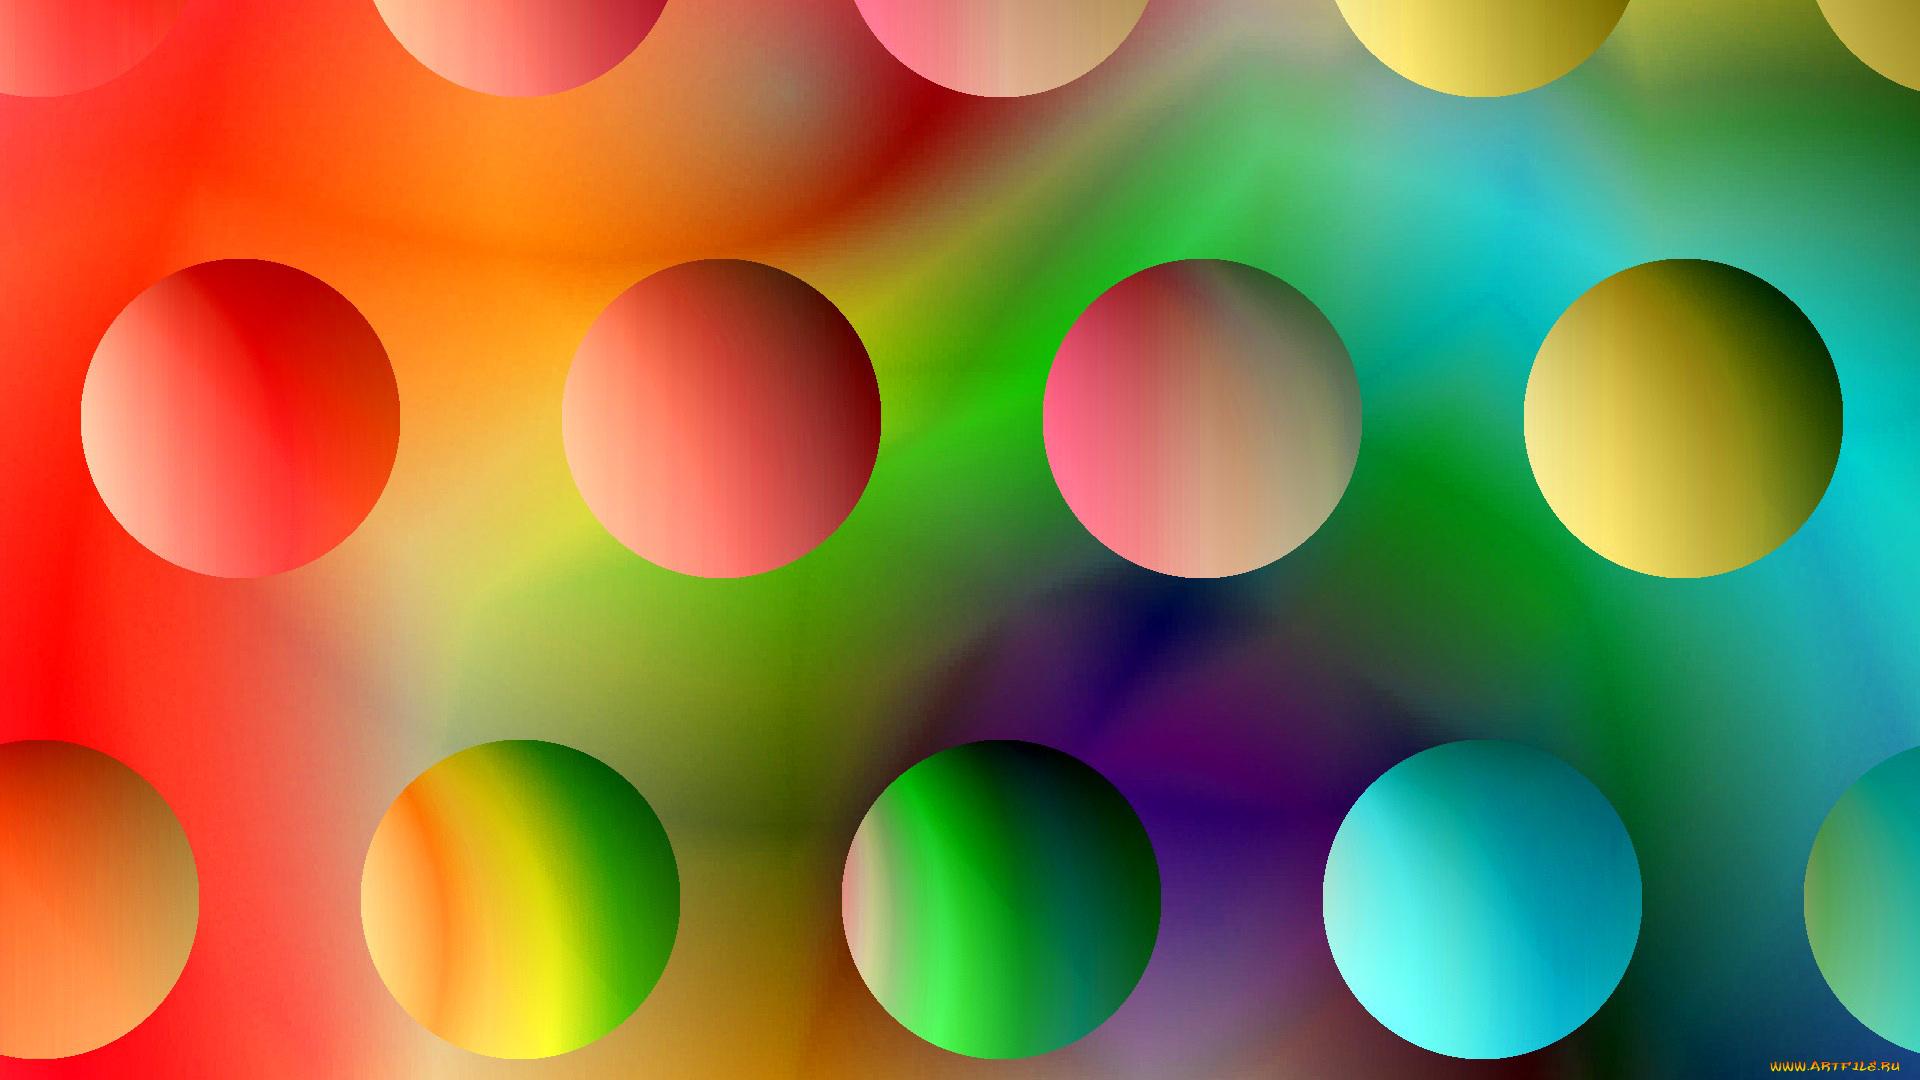 Огни цветные шарики  № 3561108 бесплатно